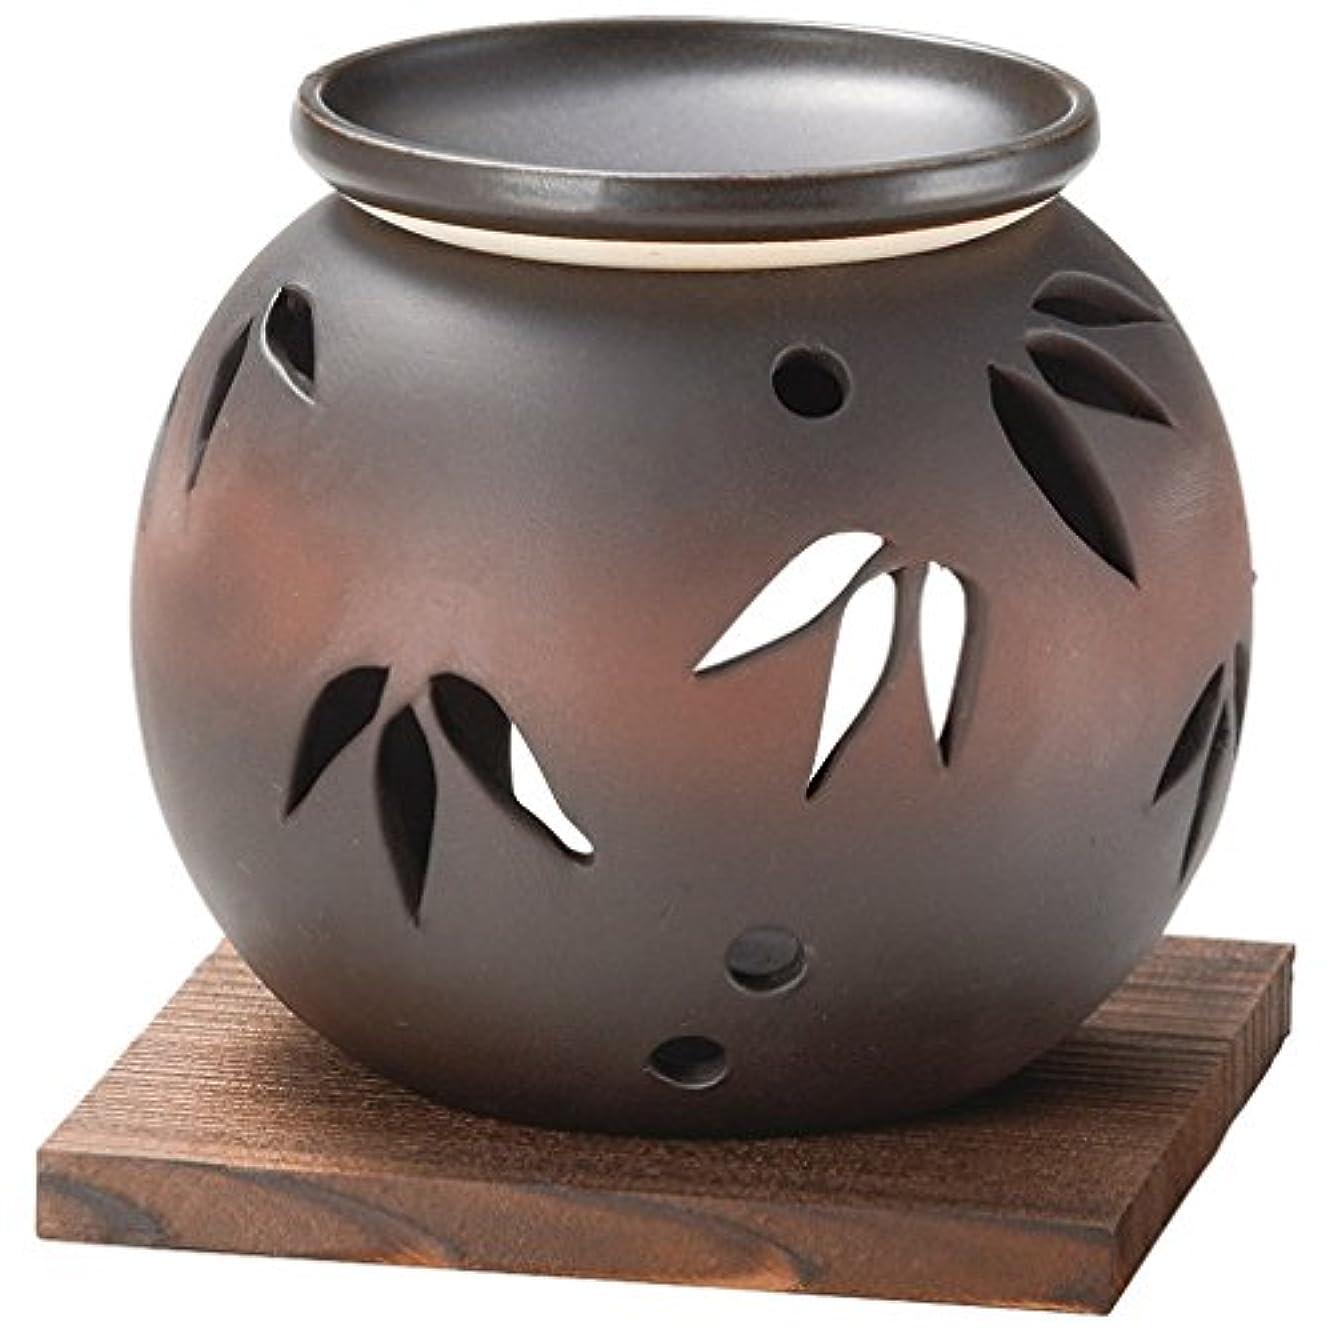 シンジケート望まない枯れる山下工芸 常滑焼 茶窯変笹透かし茶香炉 11×11.5×11.5cm 13045620